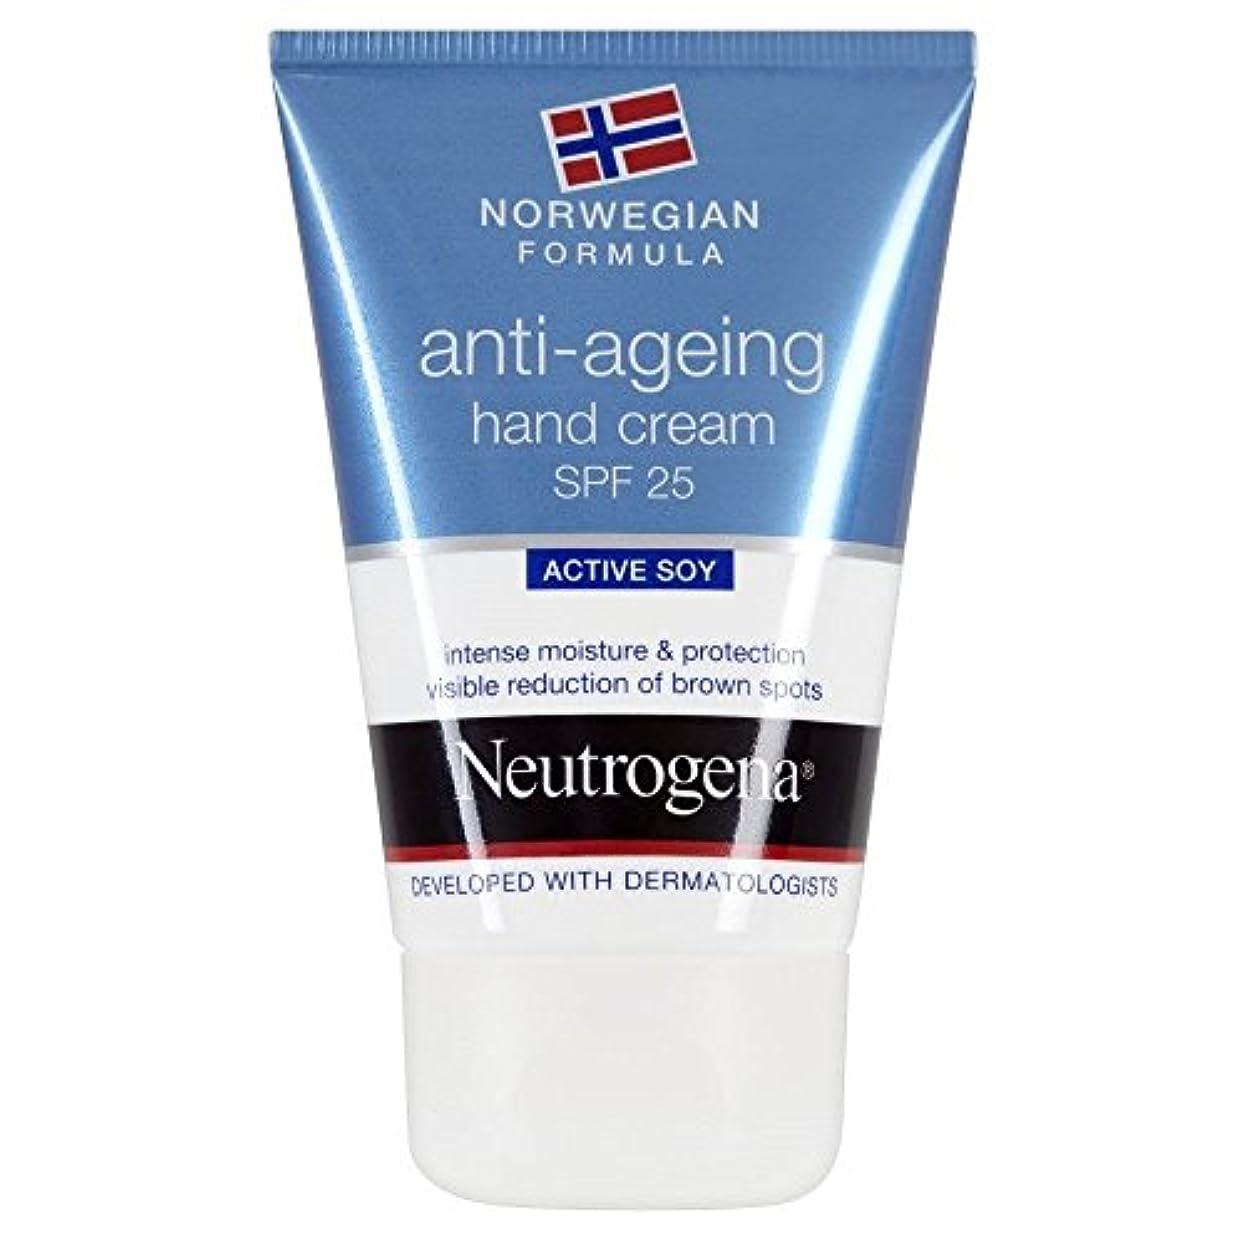 推進原油レンチ[Neutrogena] ニュートロジーナノルウェー式アンチエイジングハンドクリームSpf25(50Ml)中 - Neutrogena Norwegian Formula Anti Ageing Hand Cream Spf25...